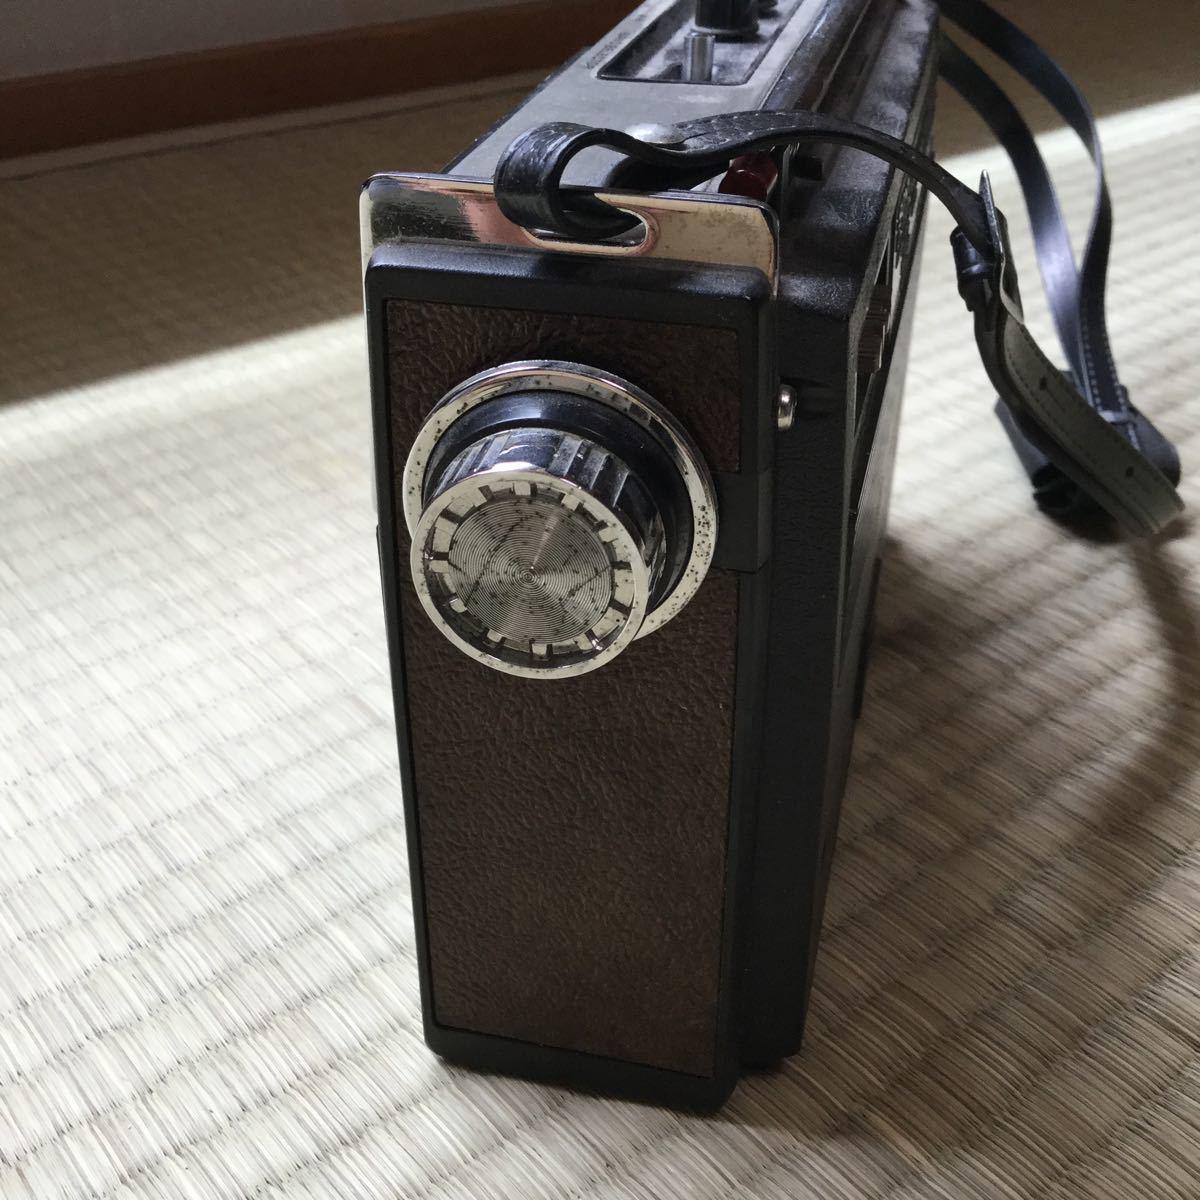 SONY ソニー ICF-1100D THE11D SW/MW/FM 3バンド ラジオ ジャンク_画像3